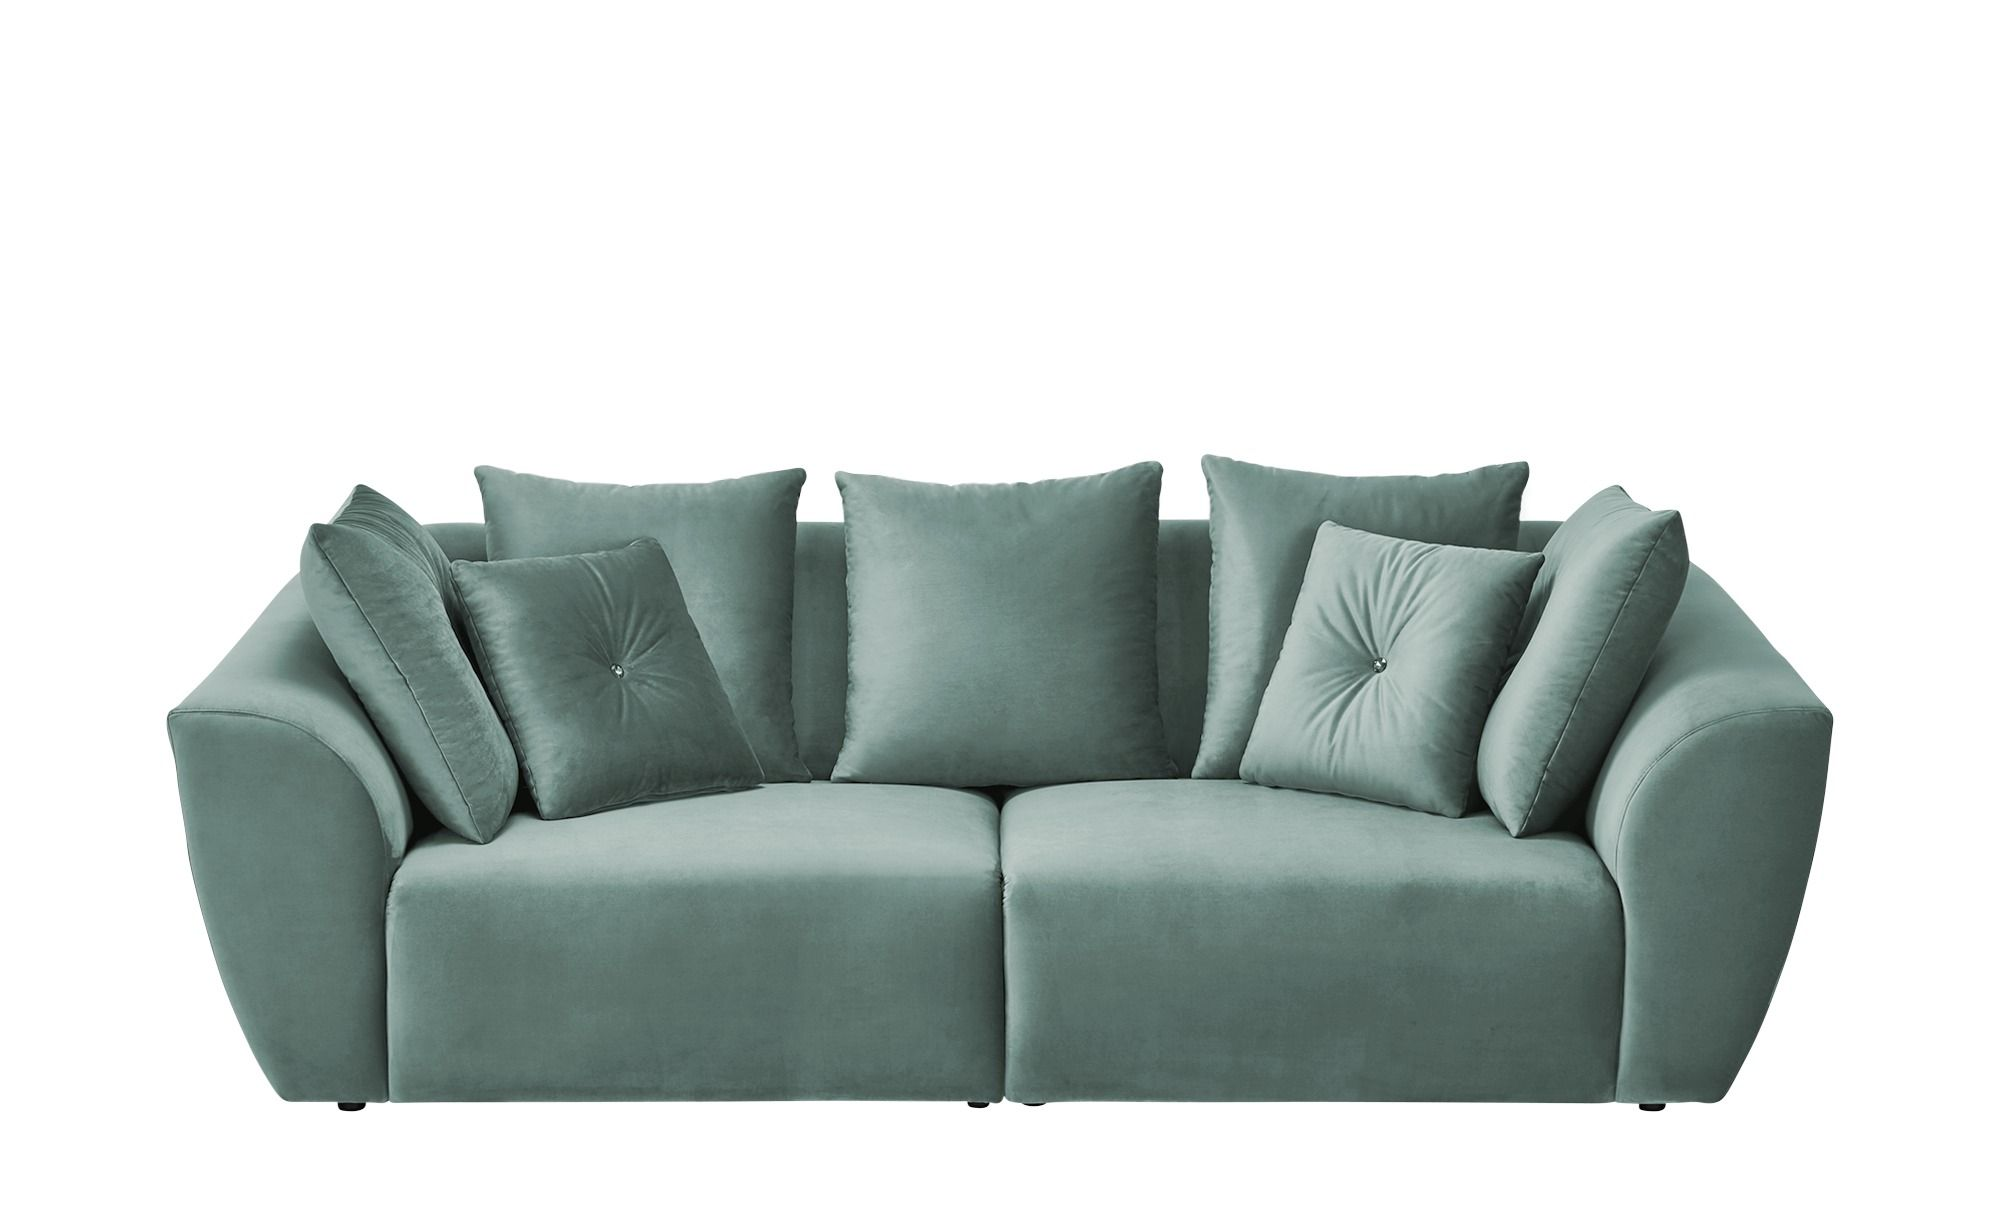 Smart Big Sofa Krista Gefunden Bei Mobel Hoffner Grosse Sofas Sofa Und Couch